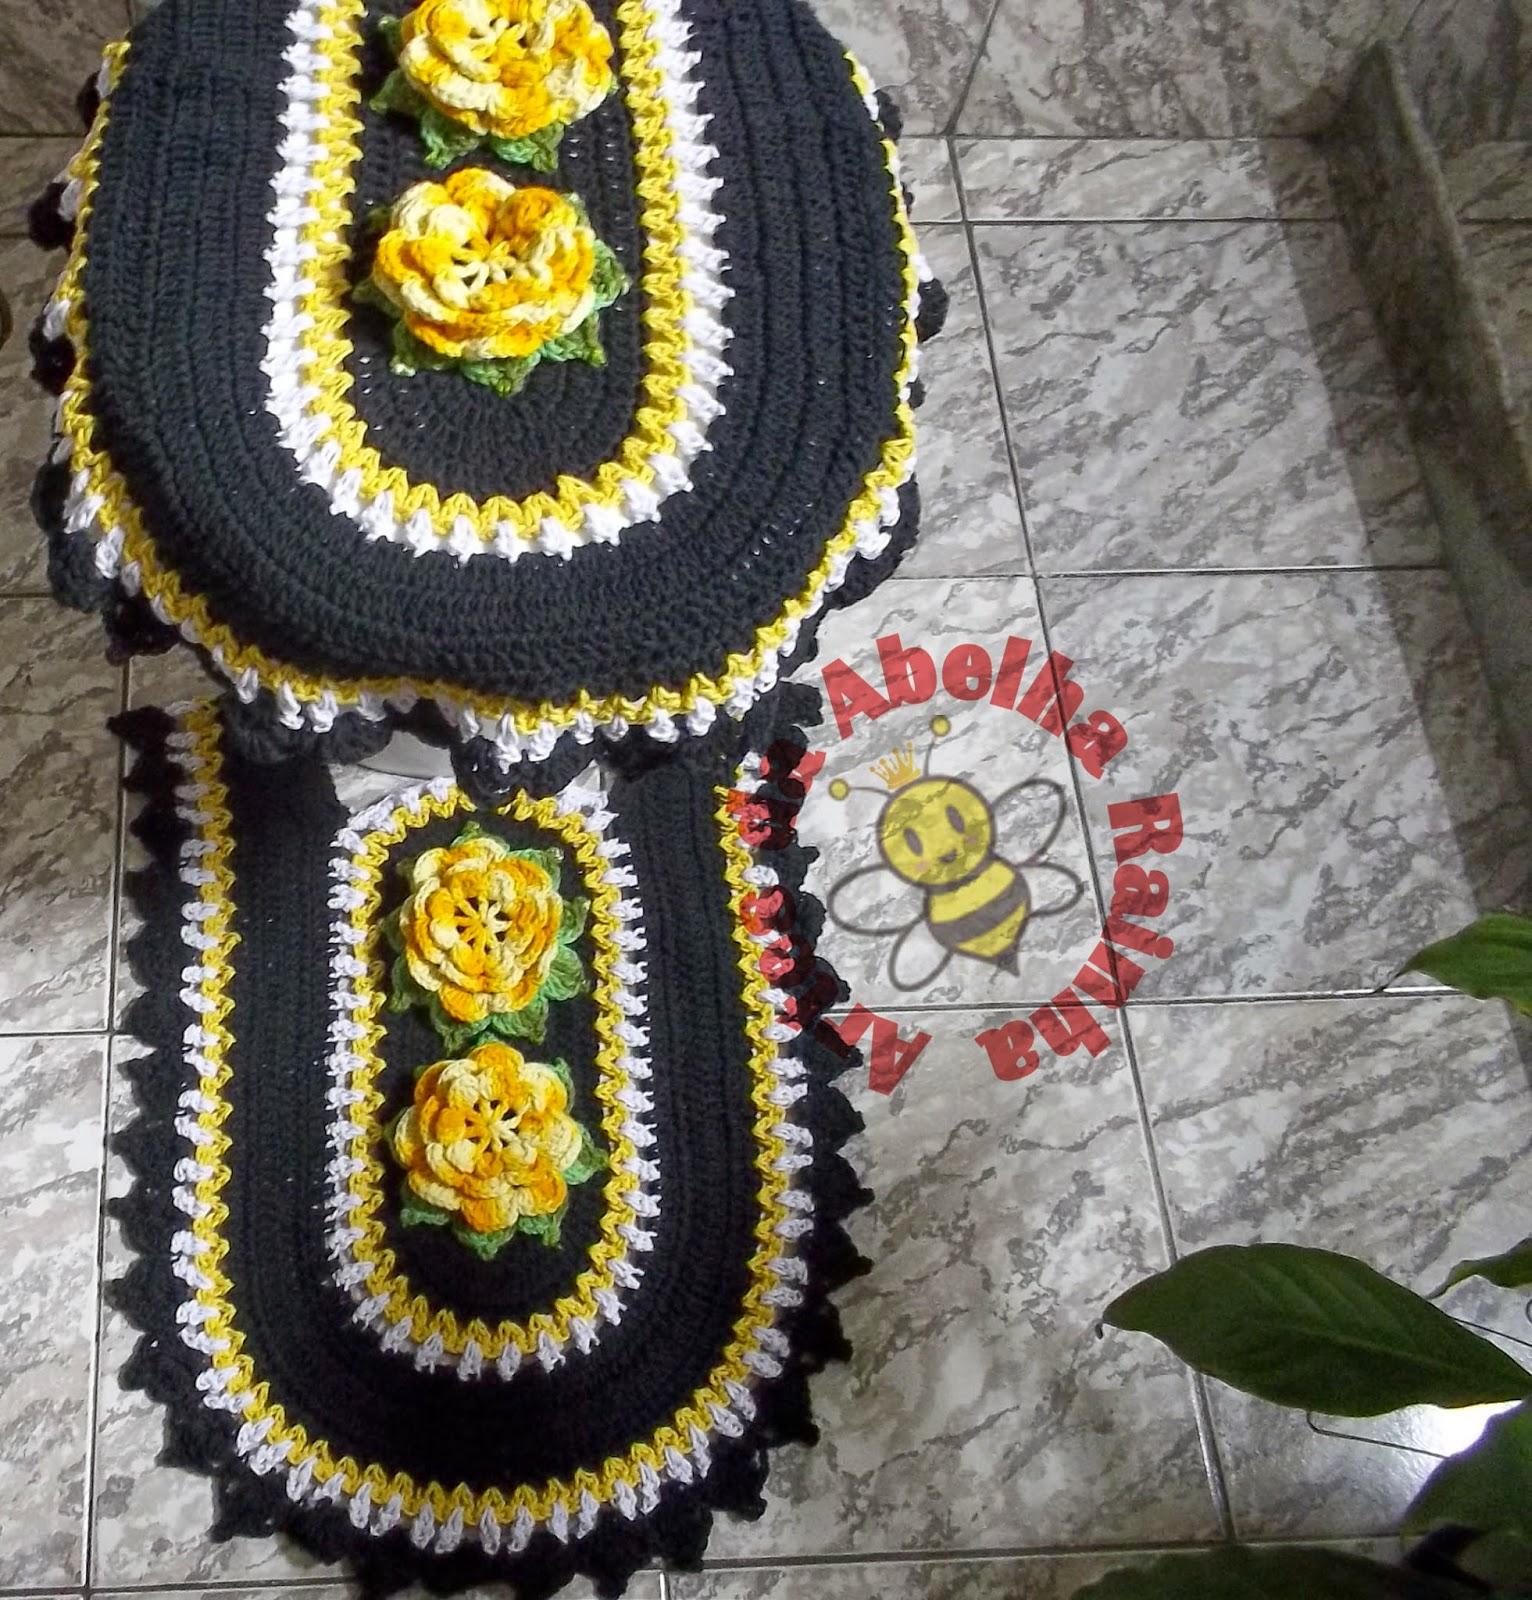 Artes da Abelha Rainha: Jogo de Banheiro de Crochê Preto e Amarelo #B28C19 1532x1600 Banheiro Amarelo Com Preto